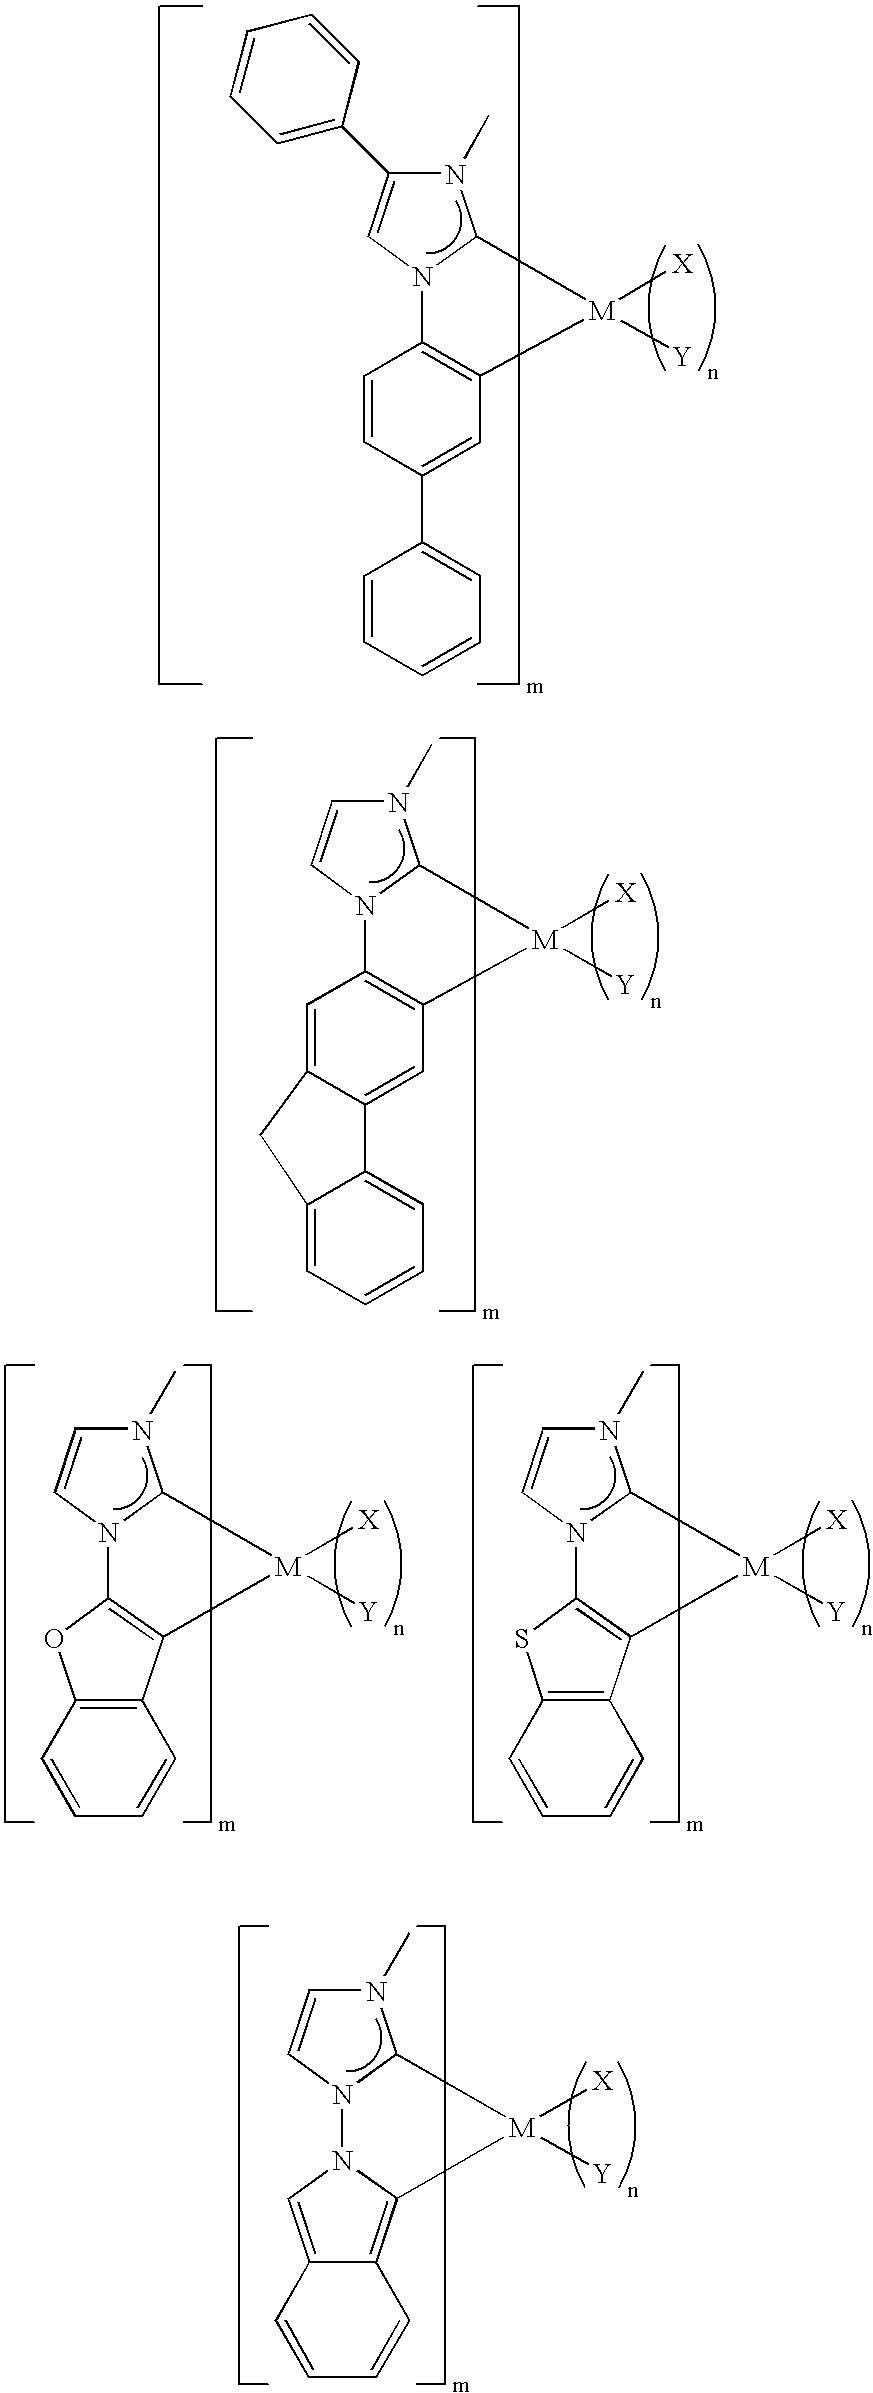 Figure US20050260441A1-20051124-C00031